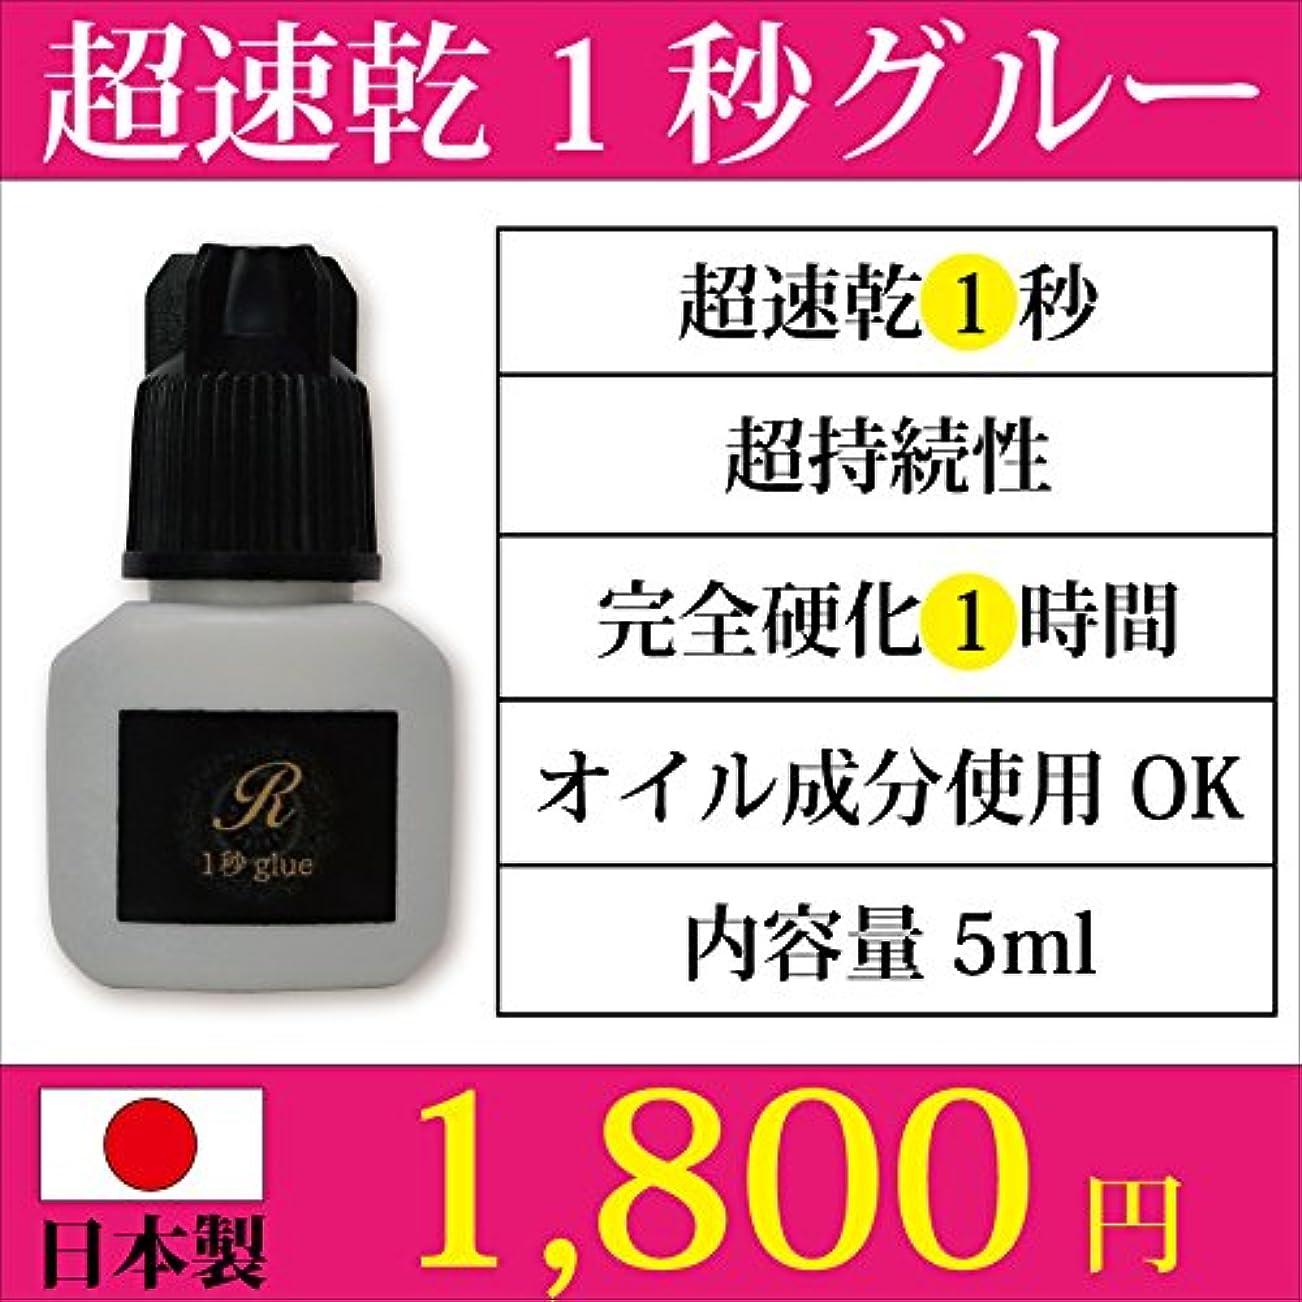 倒錯コンプライアンス性能日本製まつげエクステ超吸着1秒グルー 5ml【超速乾】【まつげエクステ】